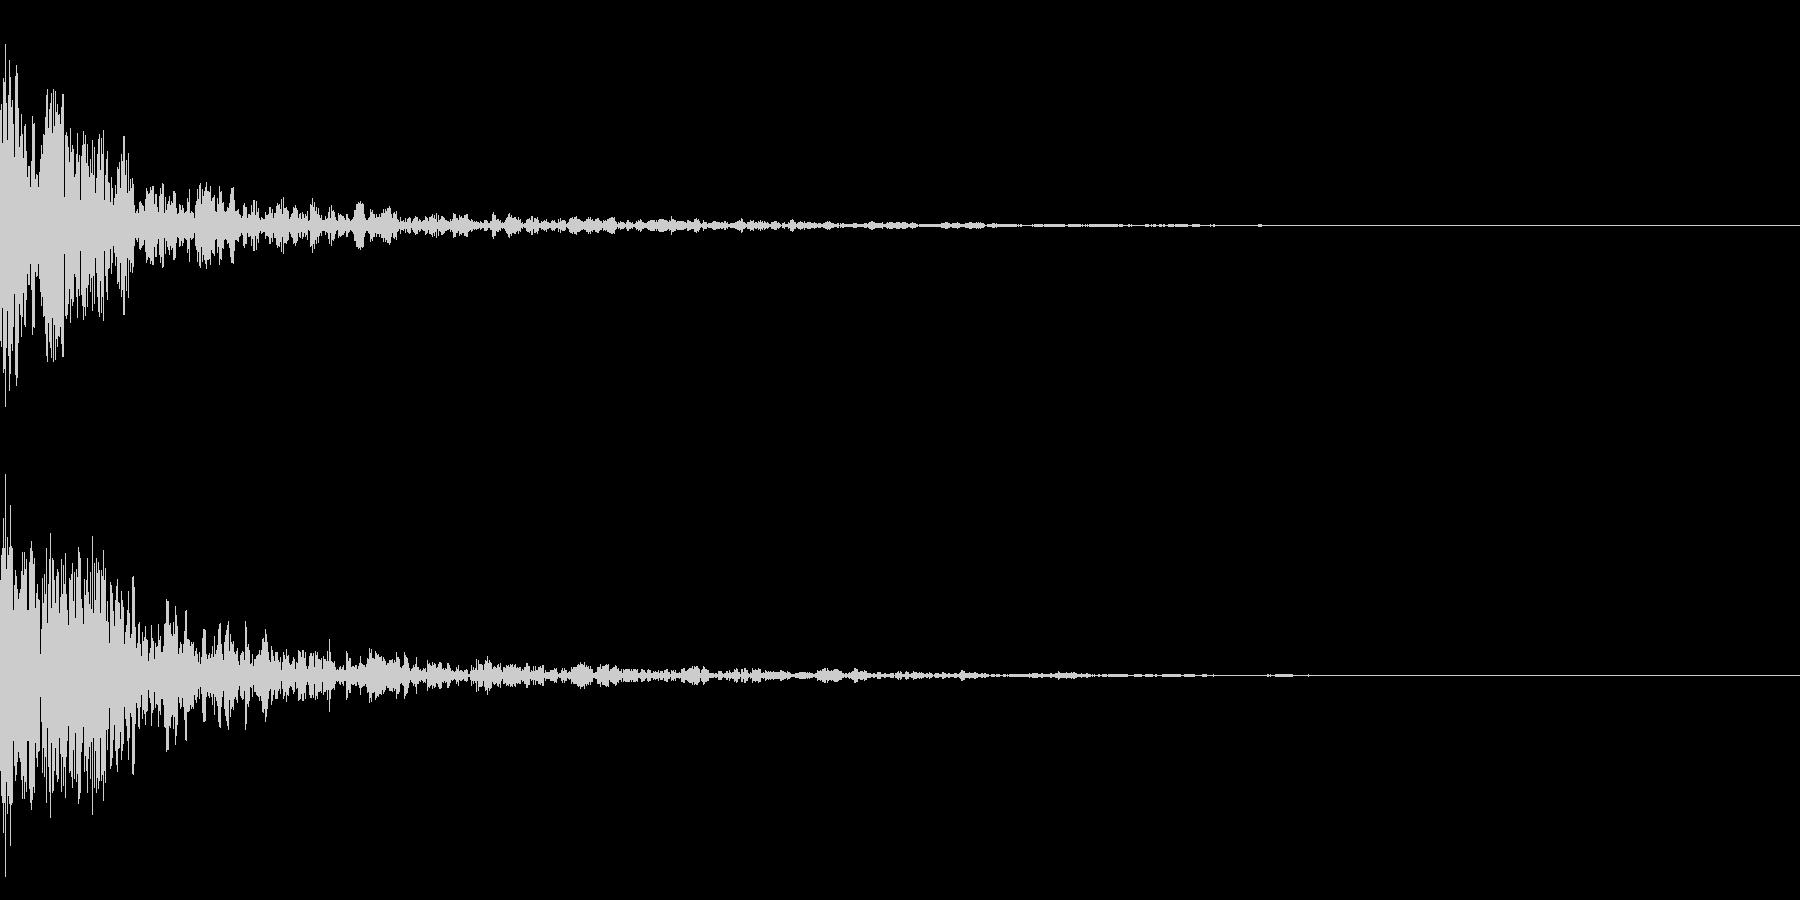 ドーン-24-1(インパクト音)の未再生の波形